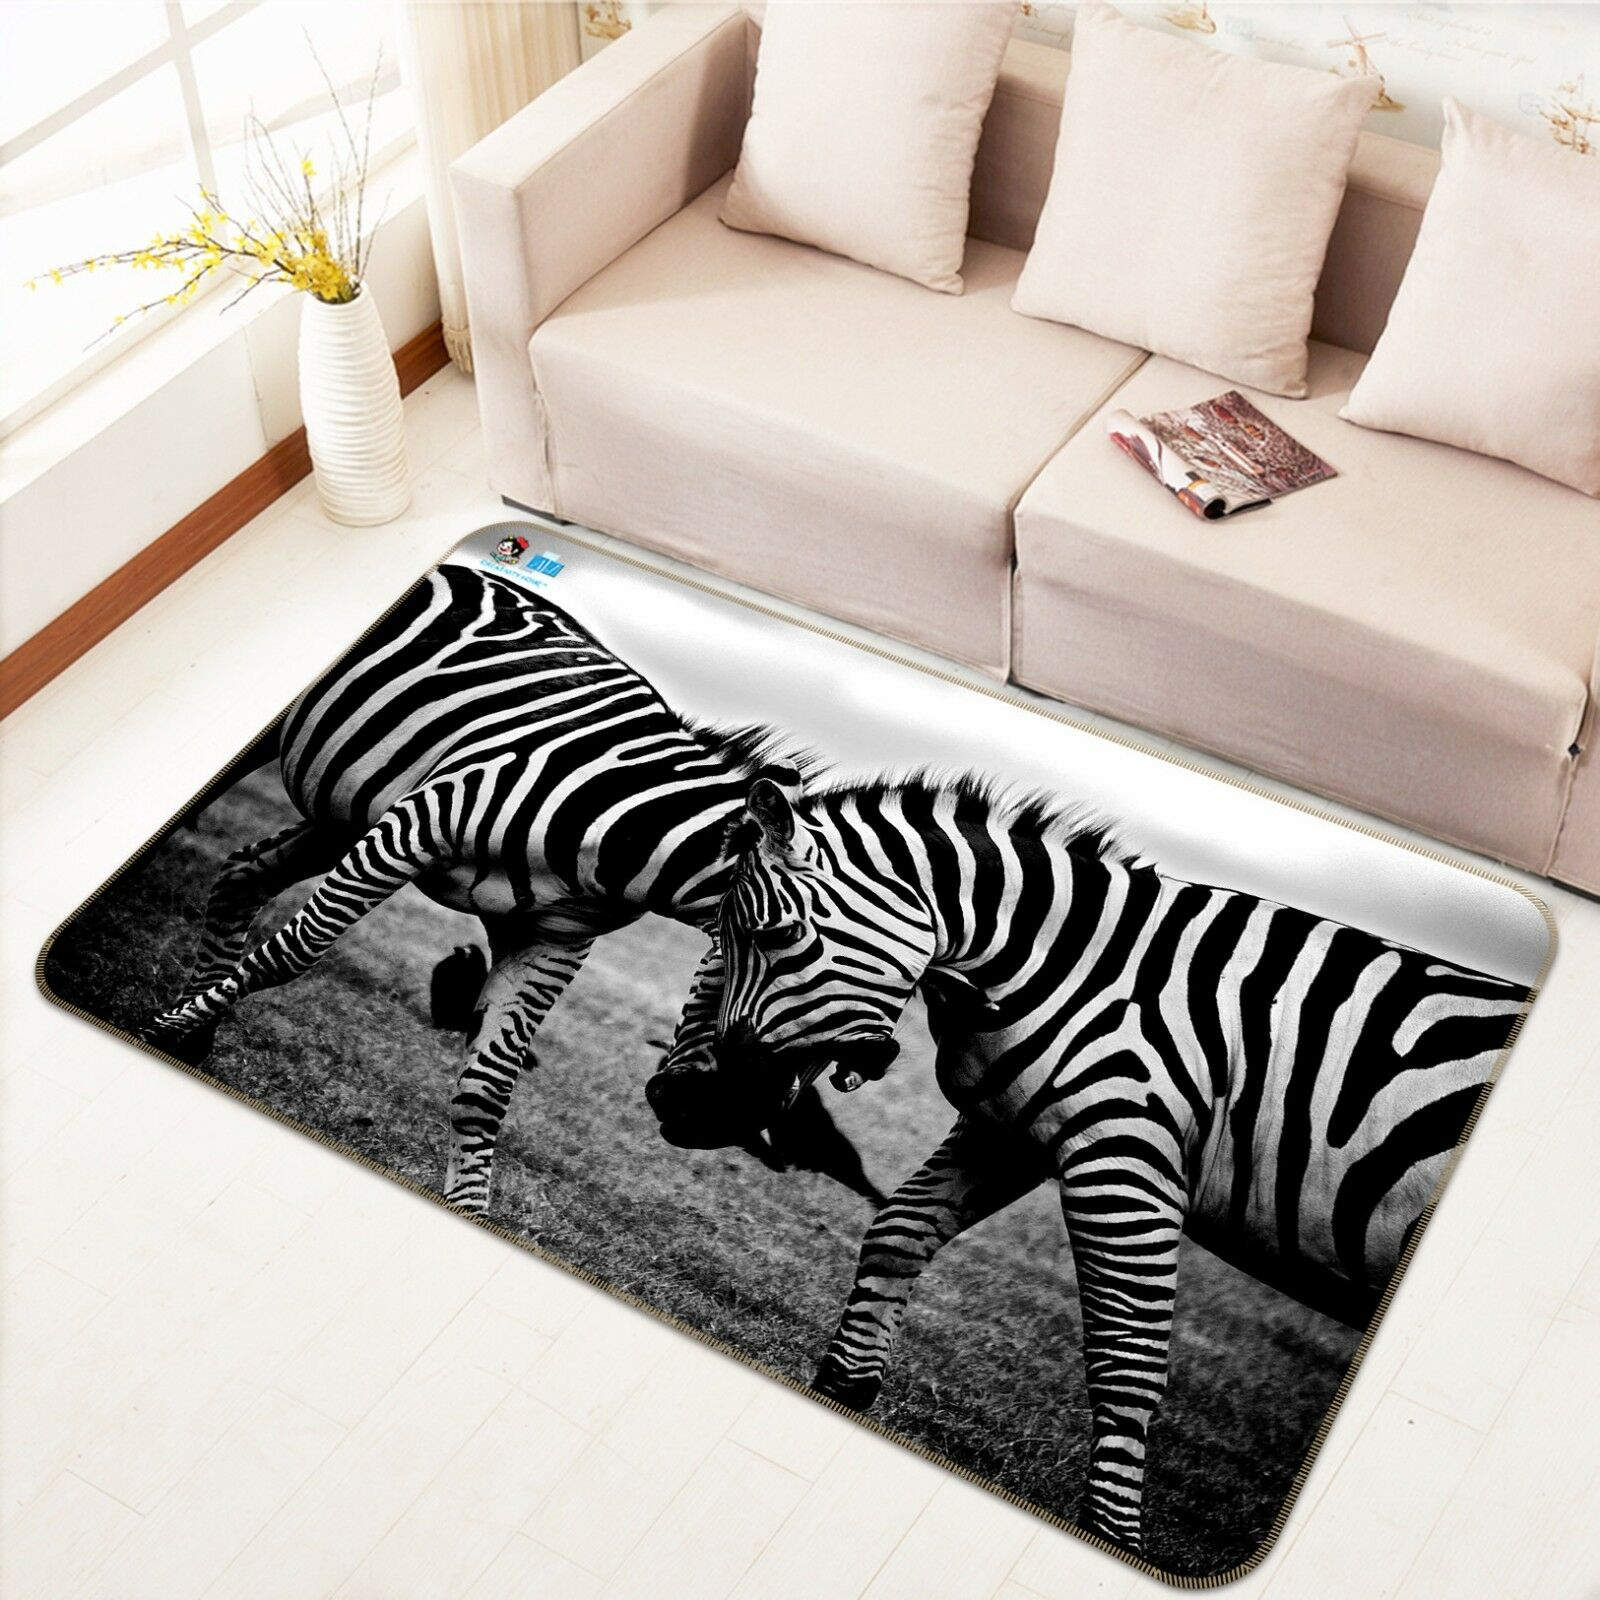 3D Mode Zebra Zebra Zebra 49 Rutschfest Teppich Matte Raum Matte Qualität Elegant Teppich DE 1a0dcf